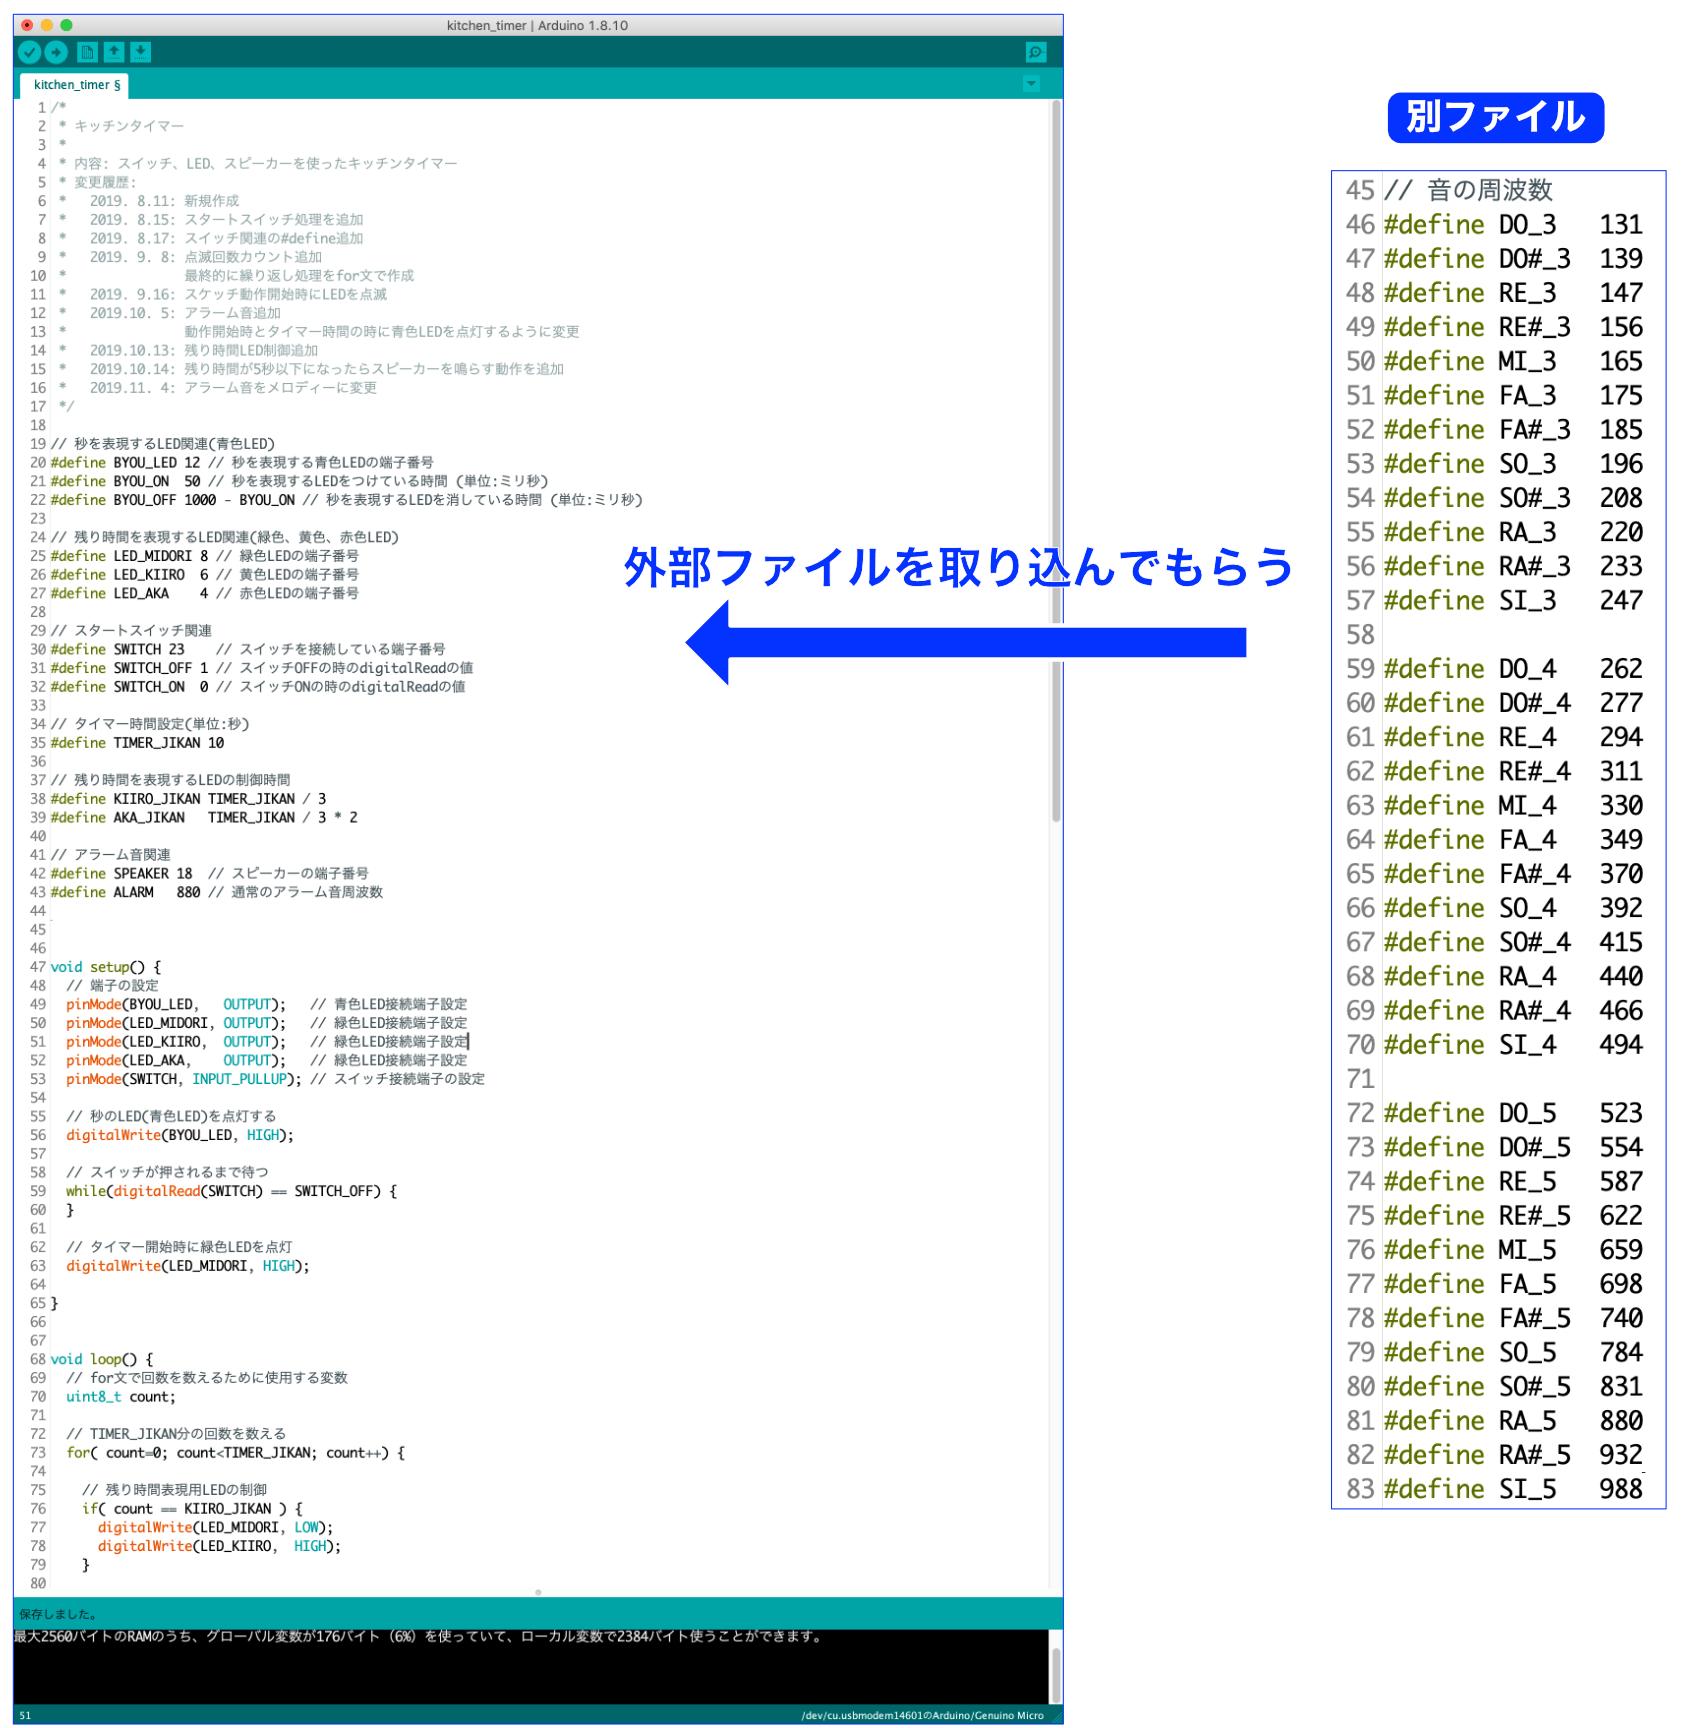 外部ファイルのインクルード